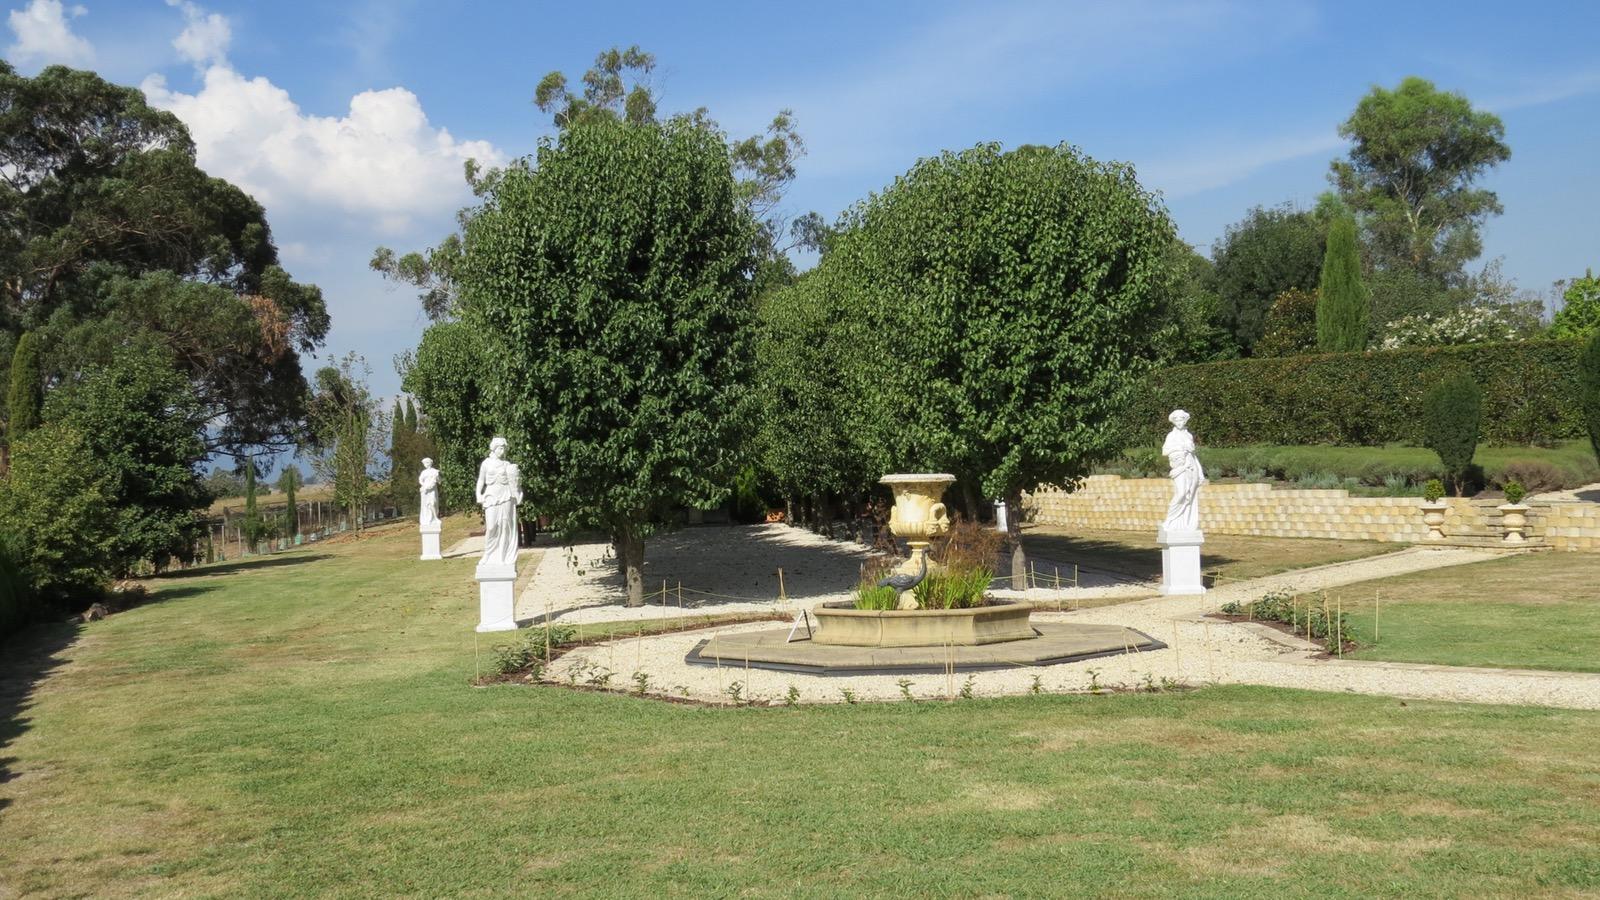 Statuary, main lawn